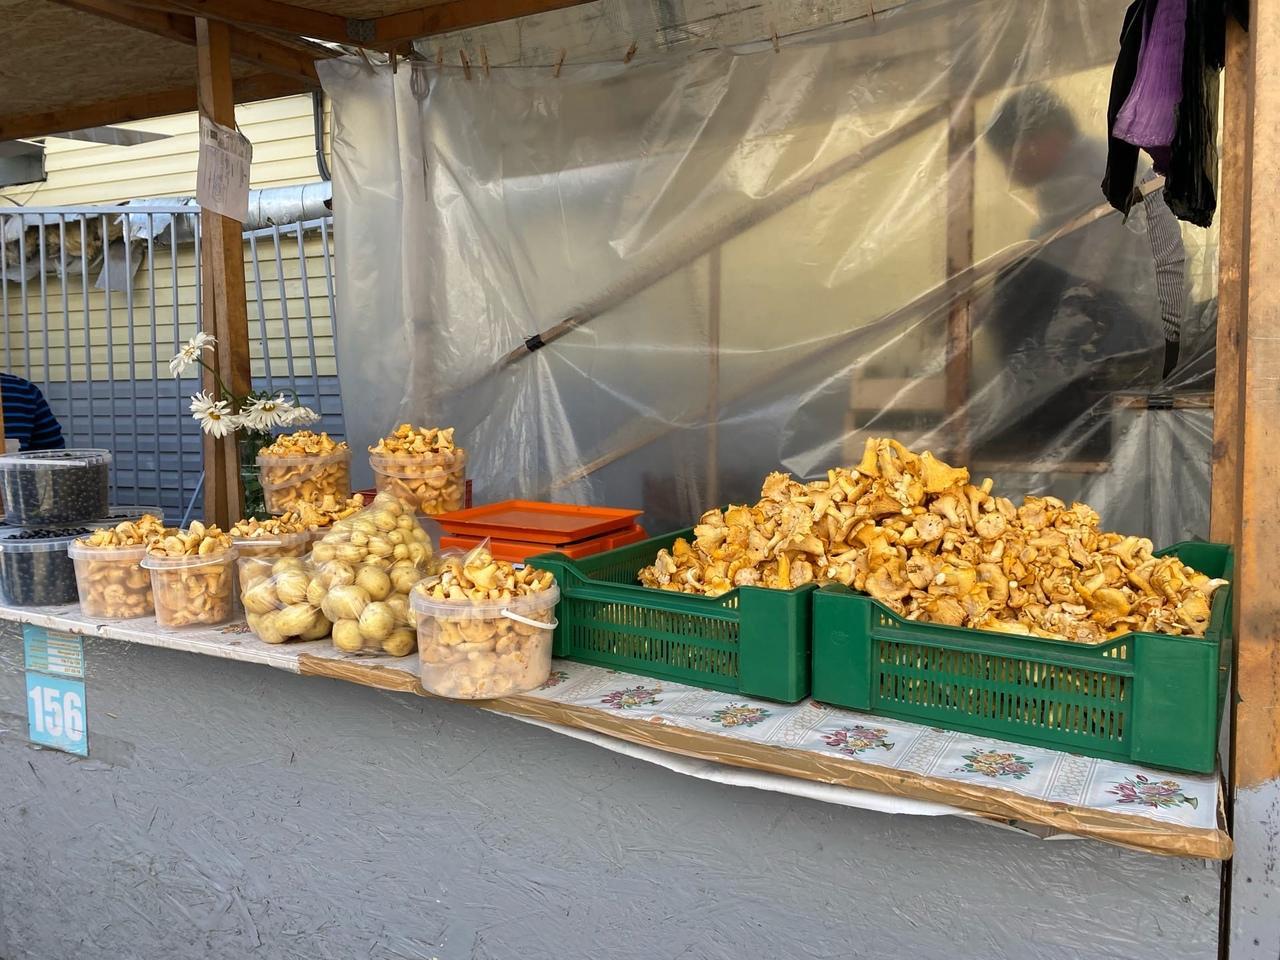 фото В Новосибирске грибники пожаловались на плохой урожай дикоросов летом 2021 года 4